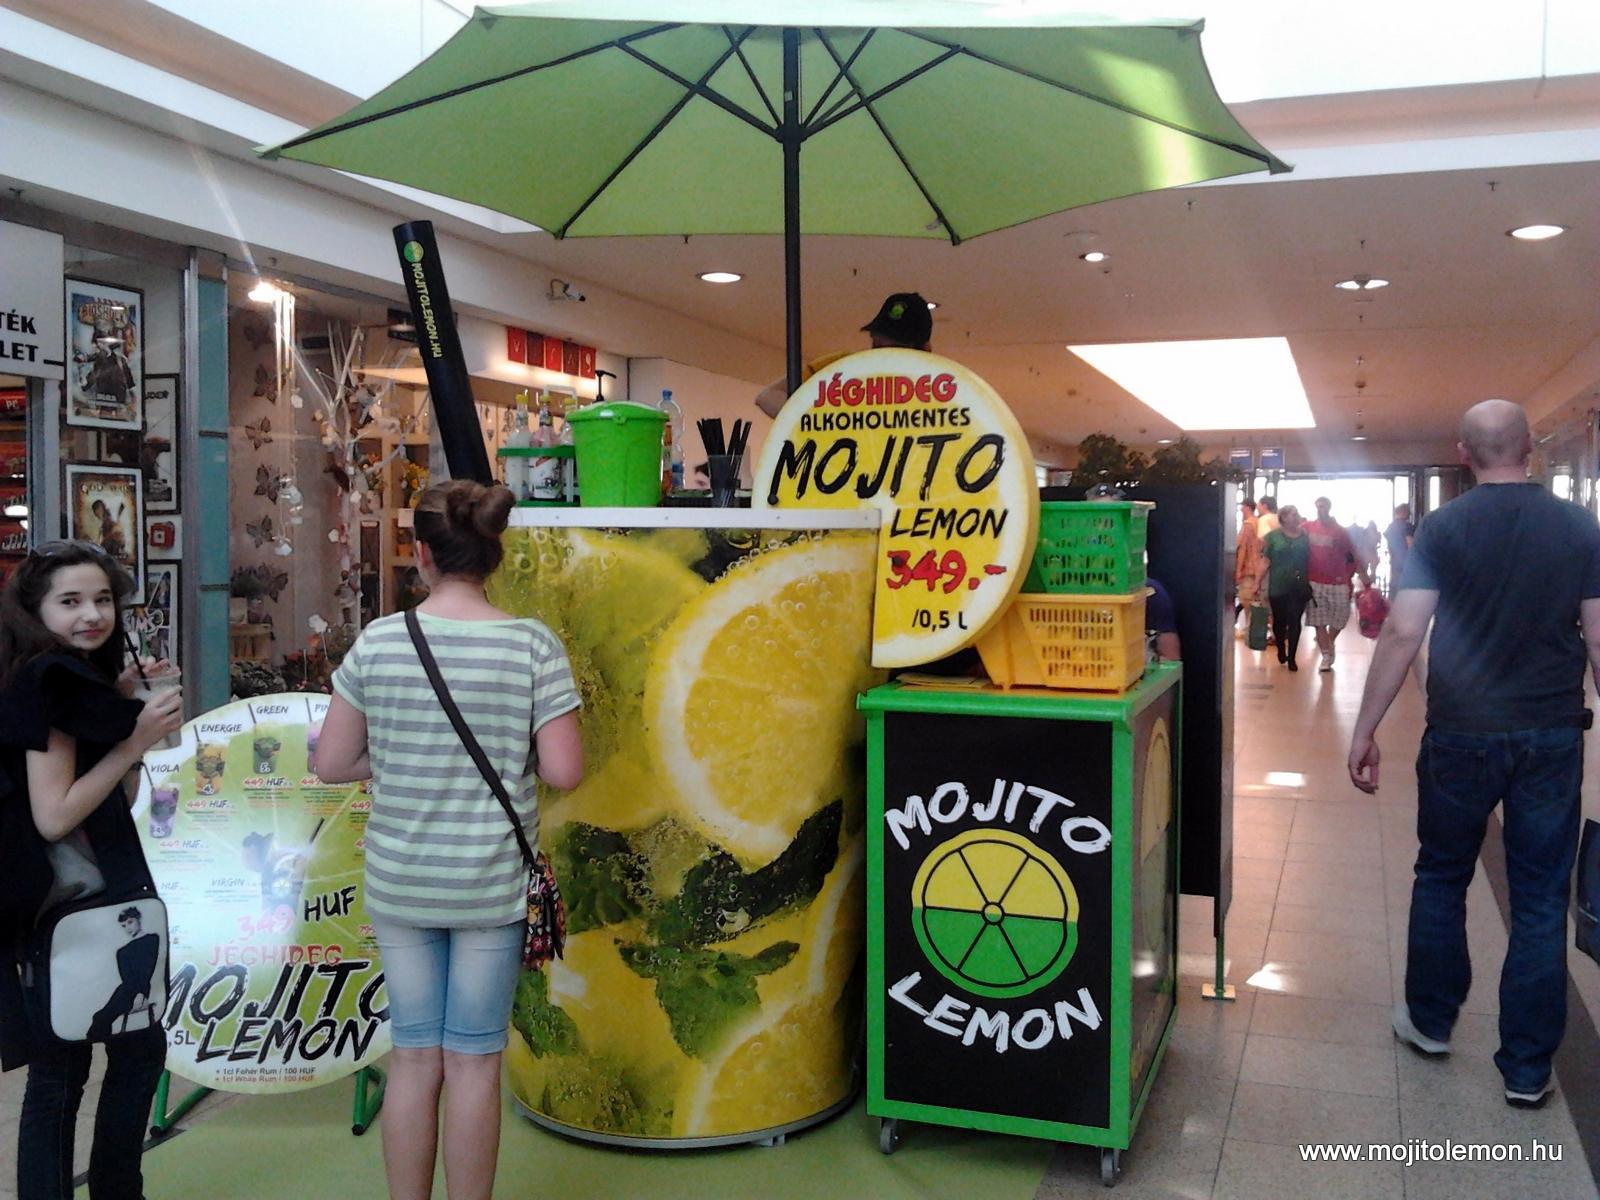 Mojito Lemon koktélpult Pécsett az Árkádban